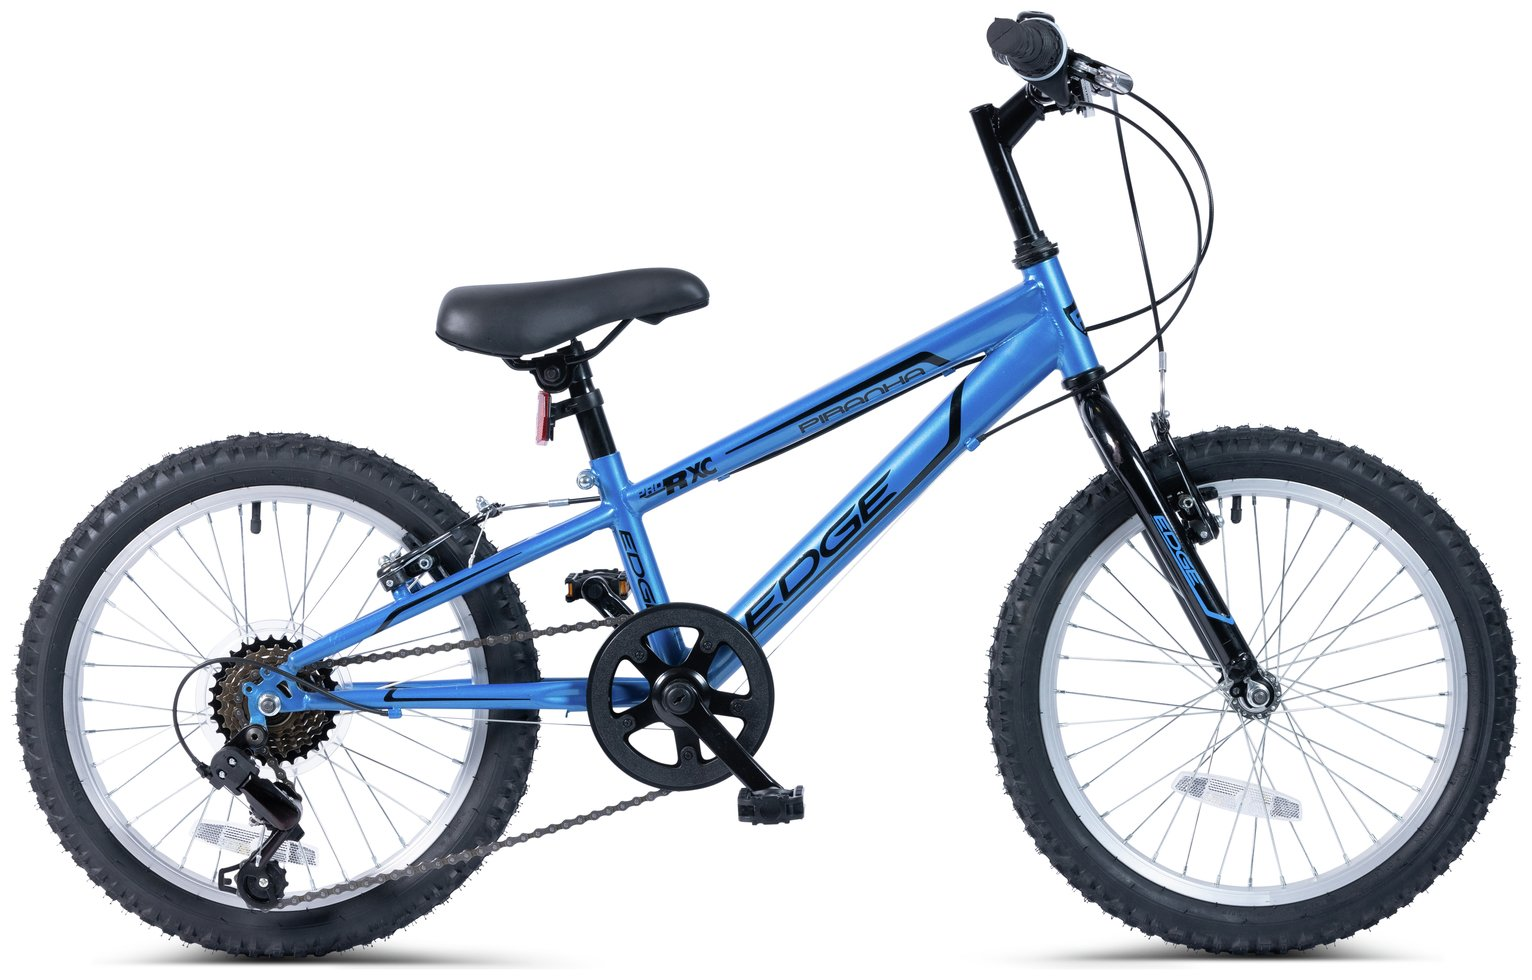 Piranha 18 Inch Edge 6 Speed Kids Mountain Bike